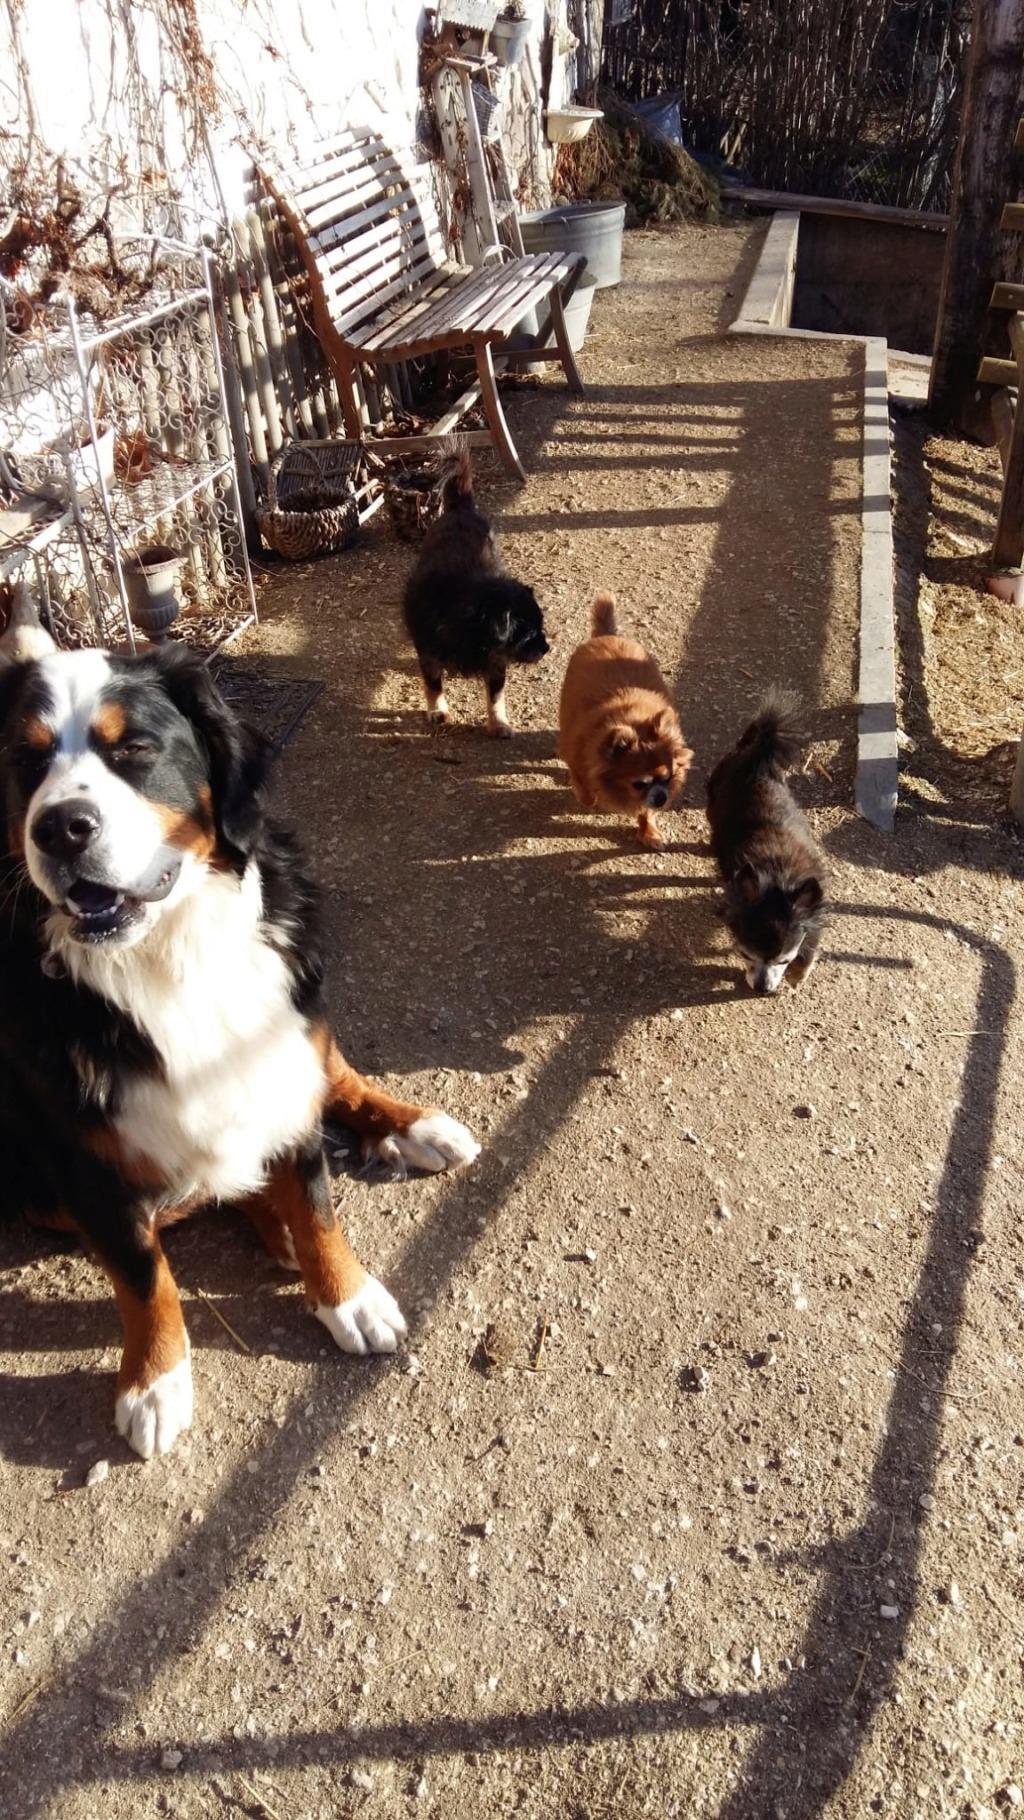 ELLIOT et CARAMEL - x chihuahua/papillon 9 et 11 ans - Asso Animale Attitude 63 - adoptés par Françoise, filleuls de frimousse Photo_12